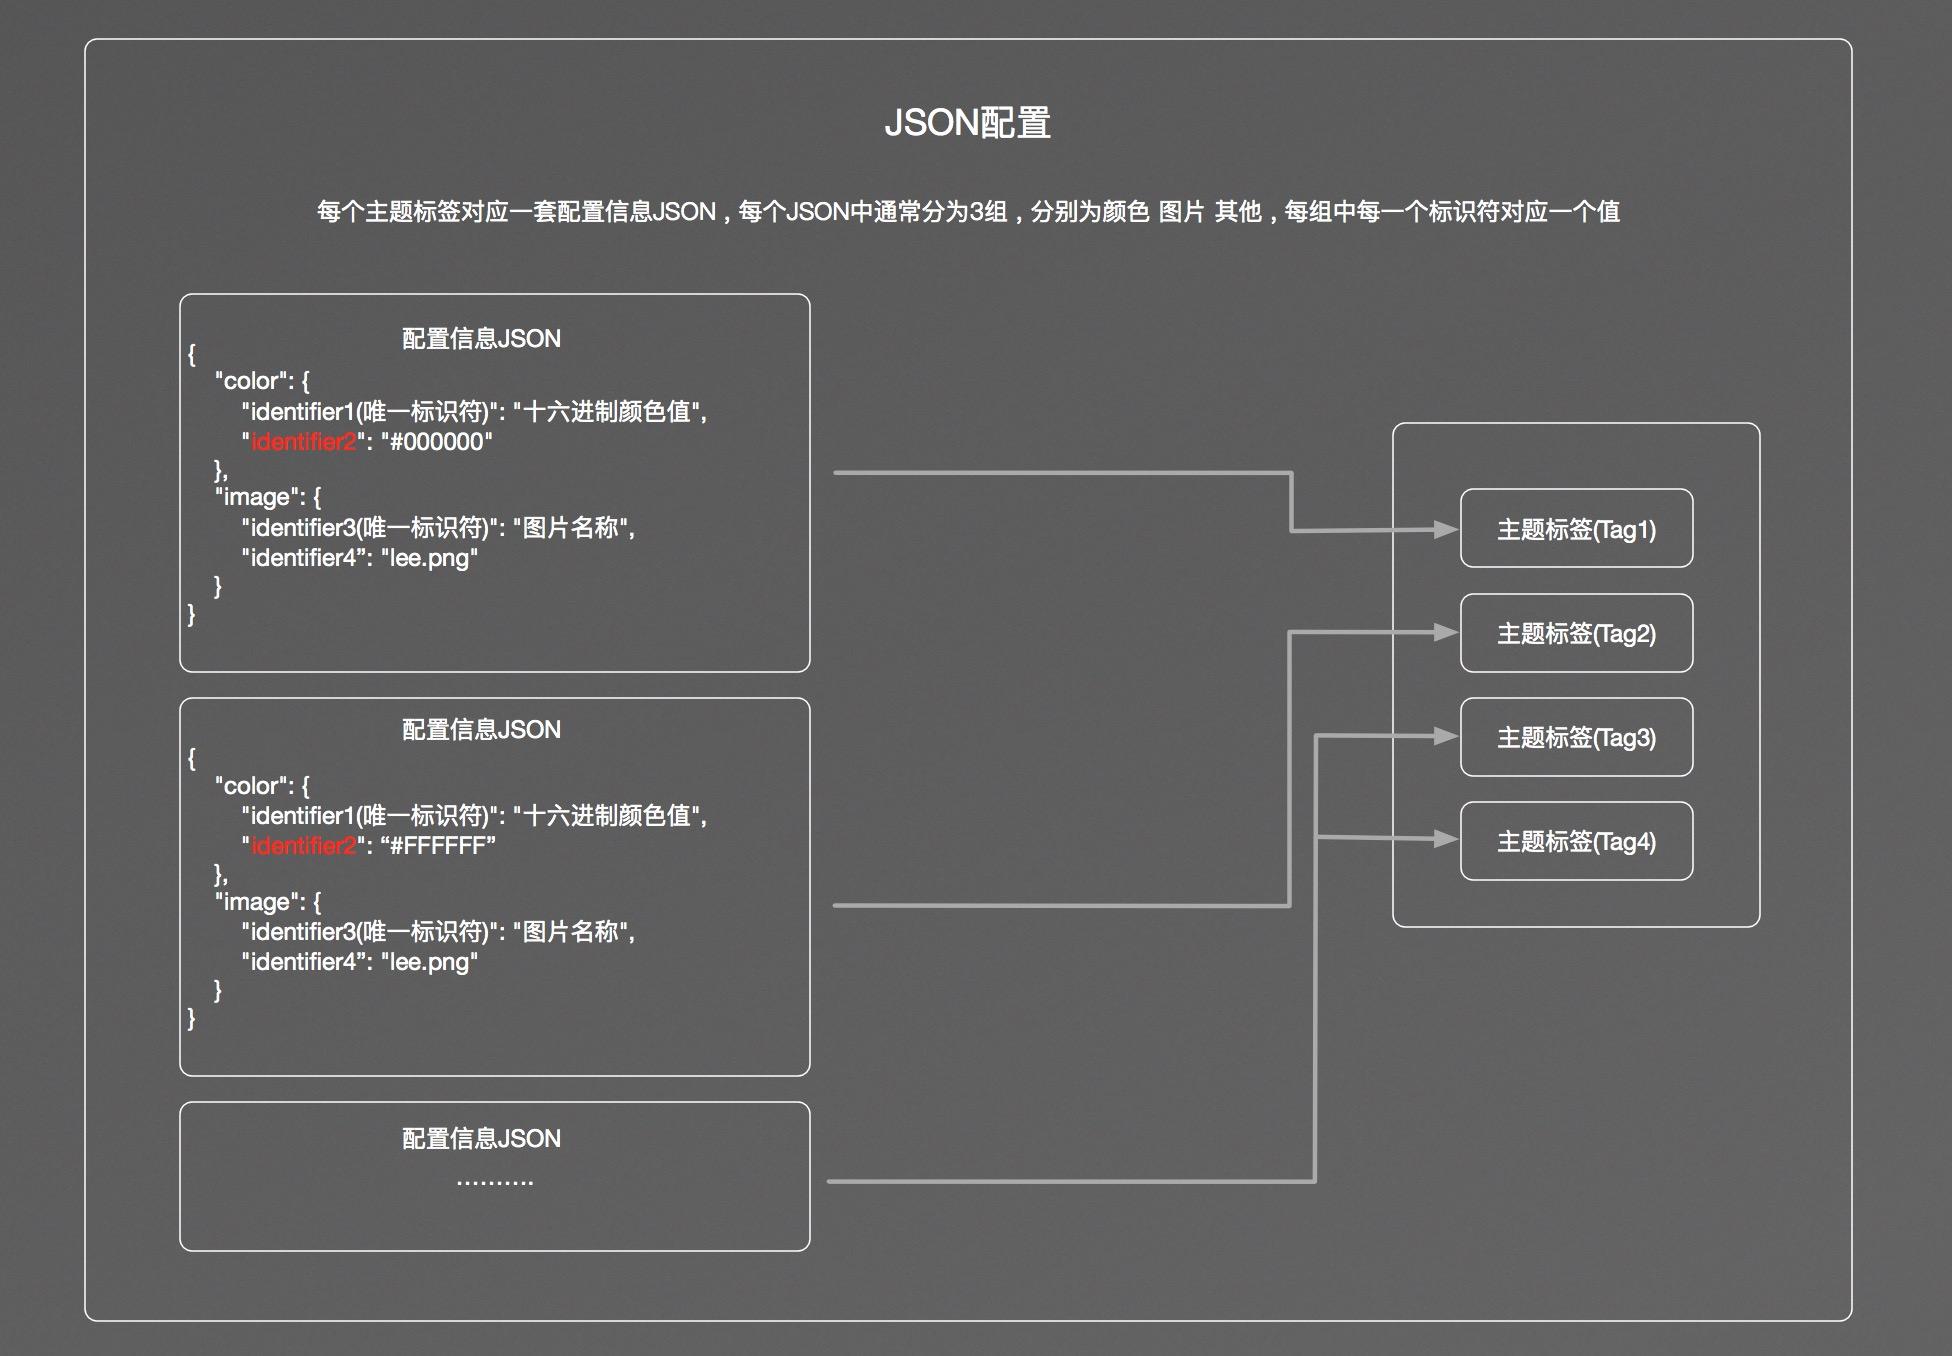 JSON配置关系图